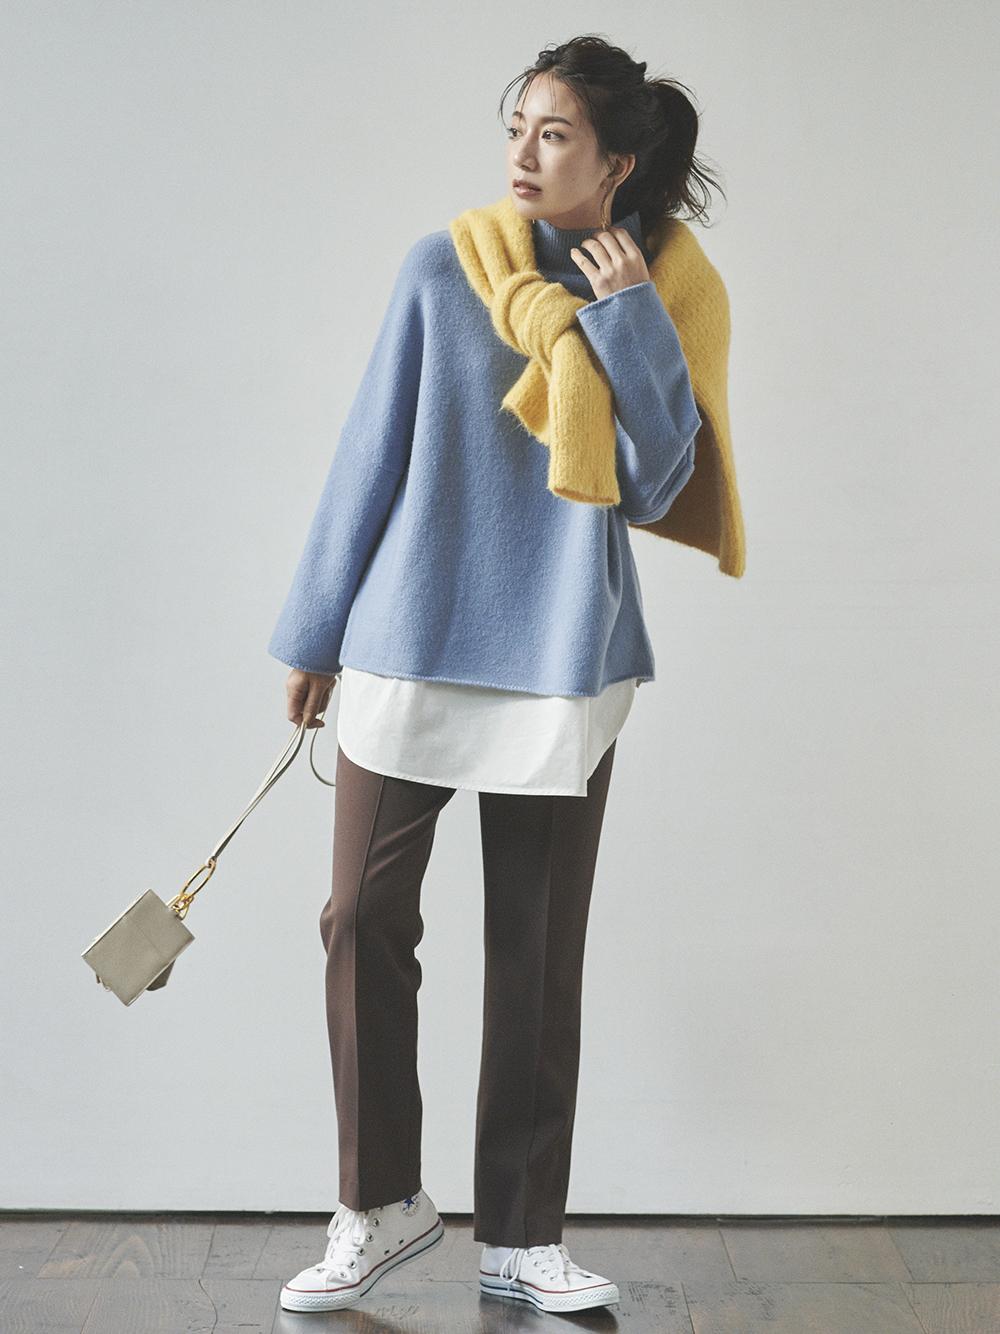 【オフィシャル限定】ドルマン風シャツレイヤードニット(BLU-0)